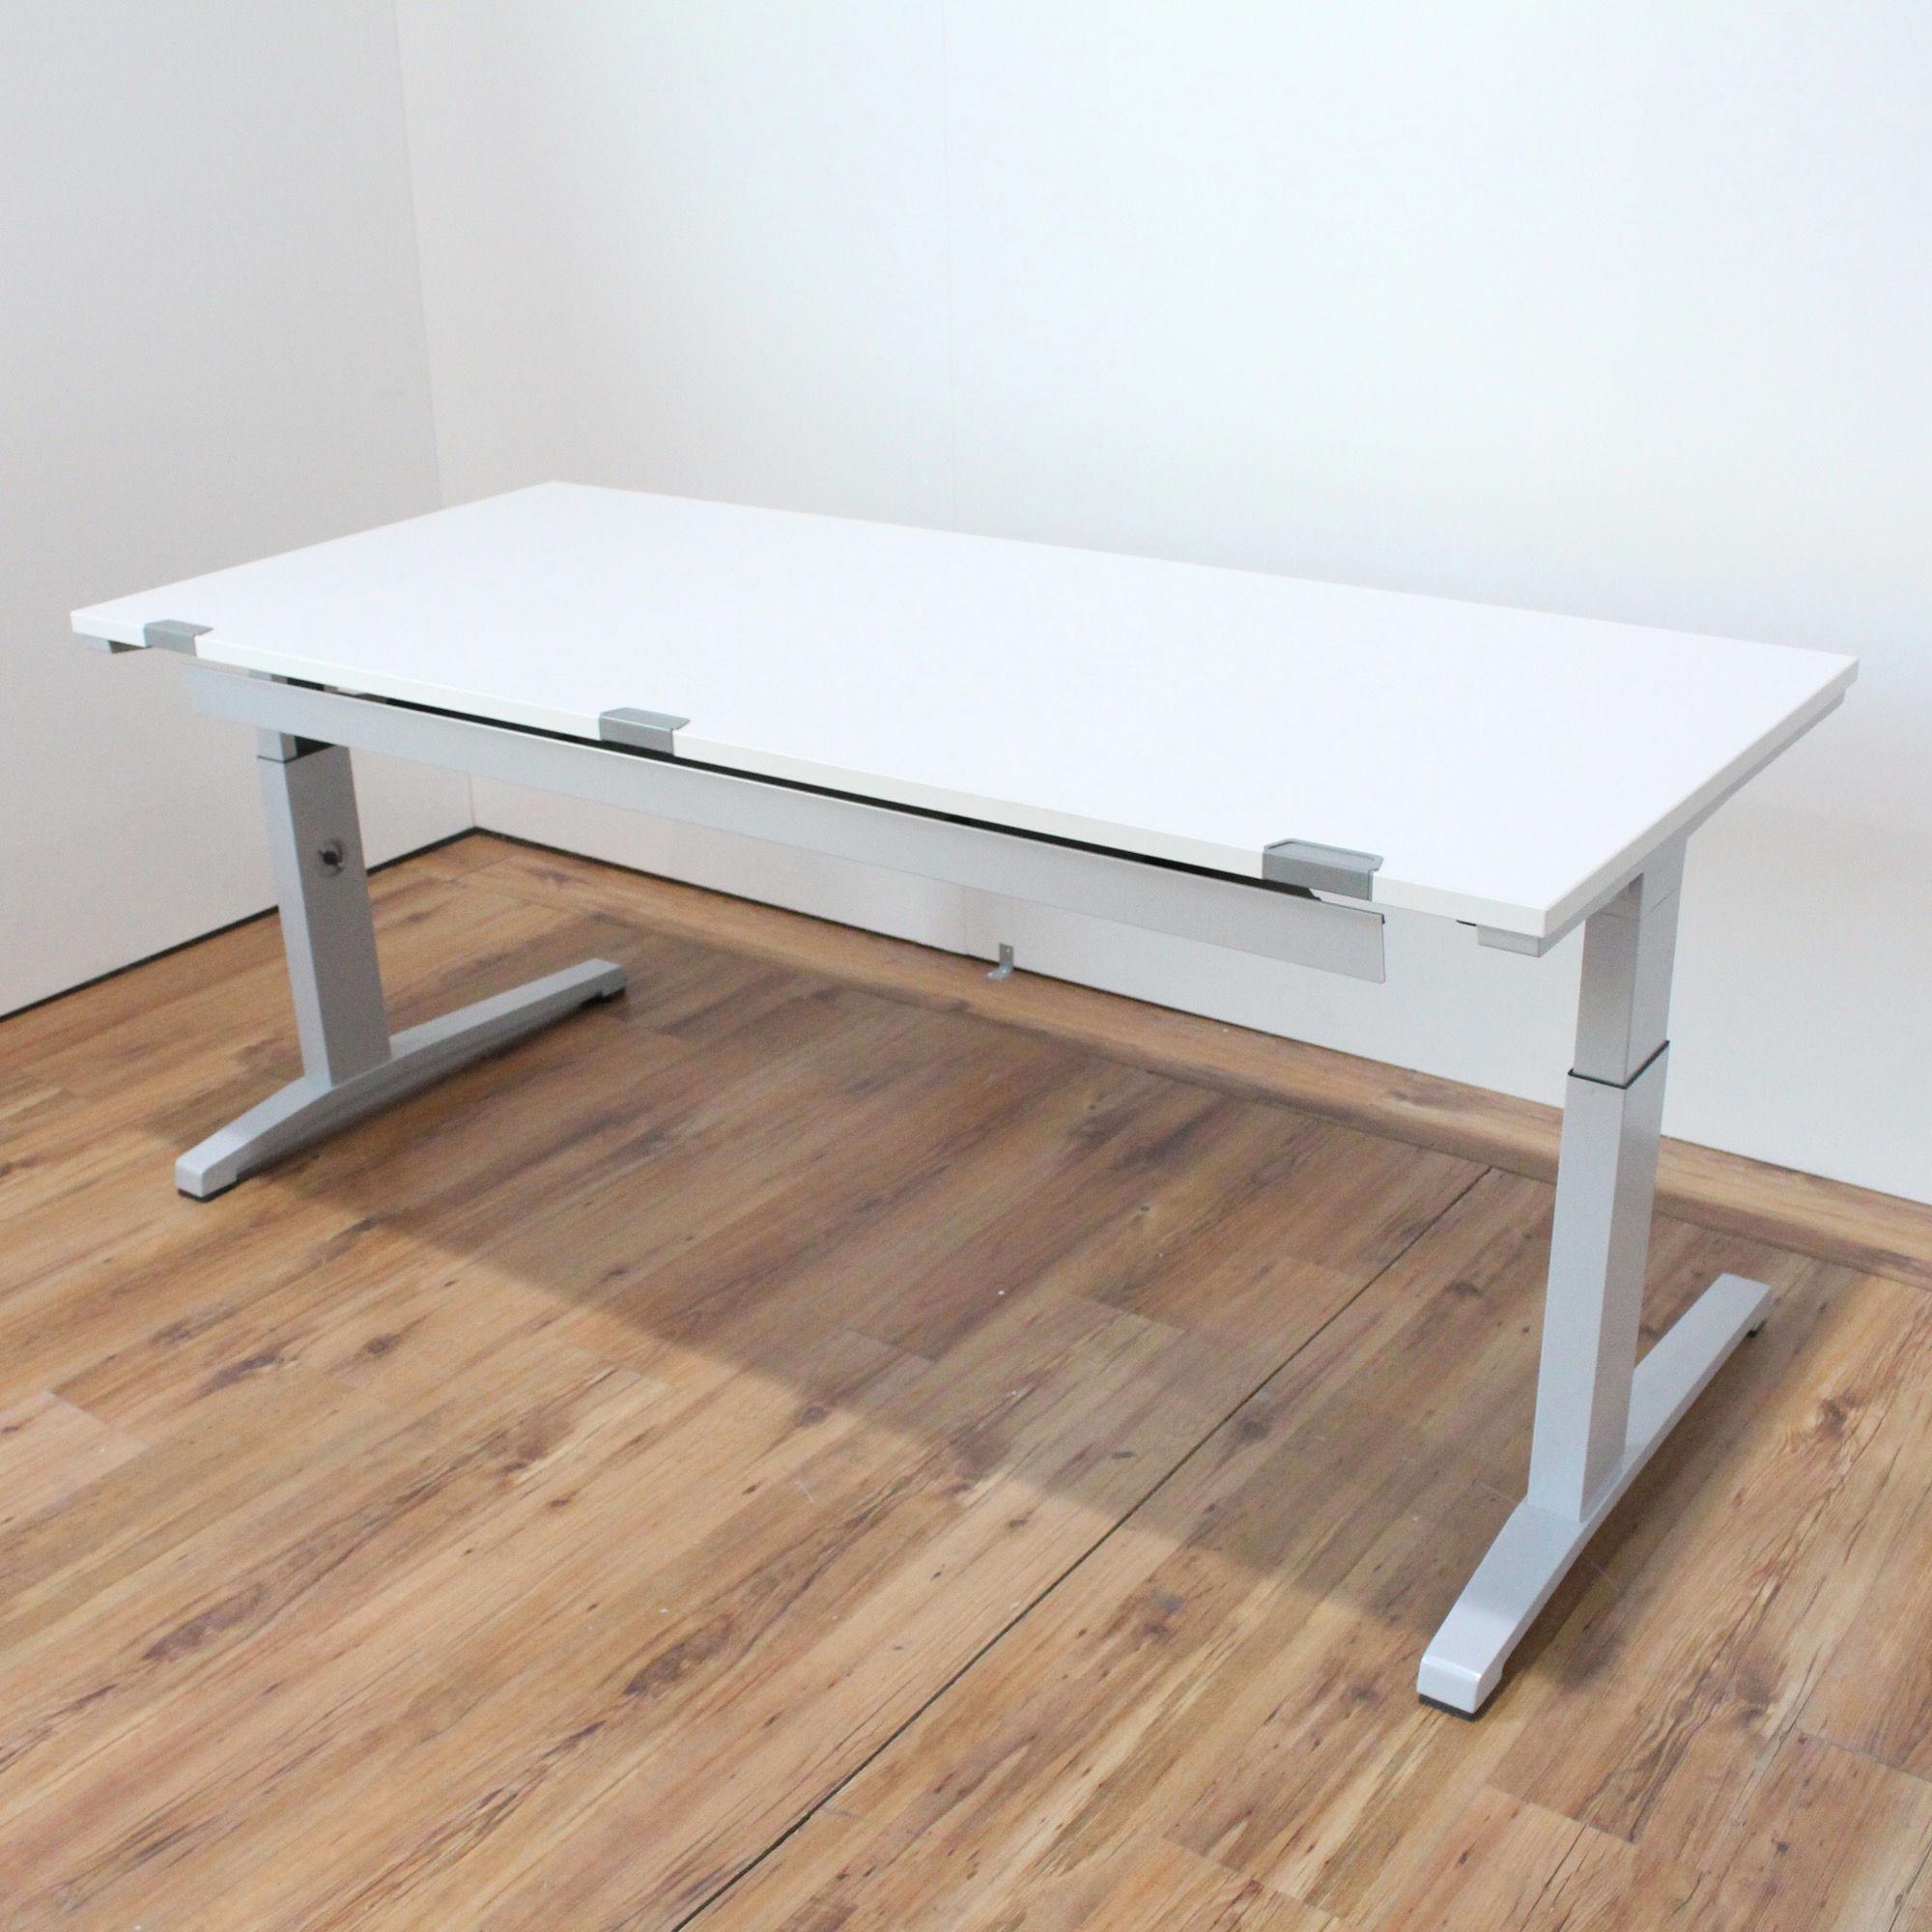 Schreibtisch Drehbare Platte 2021